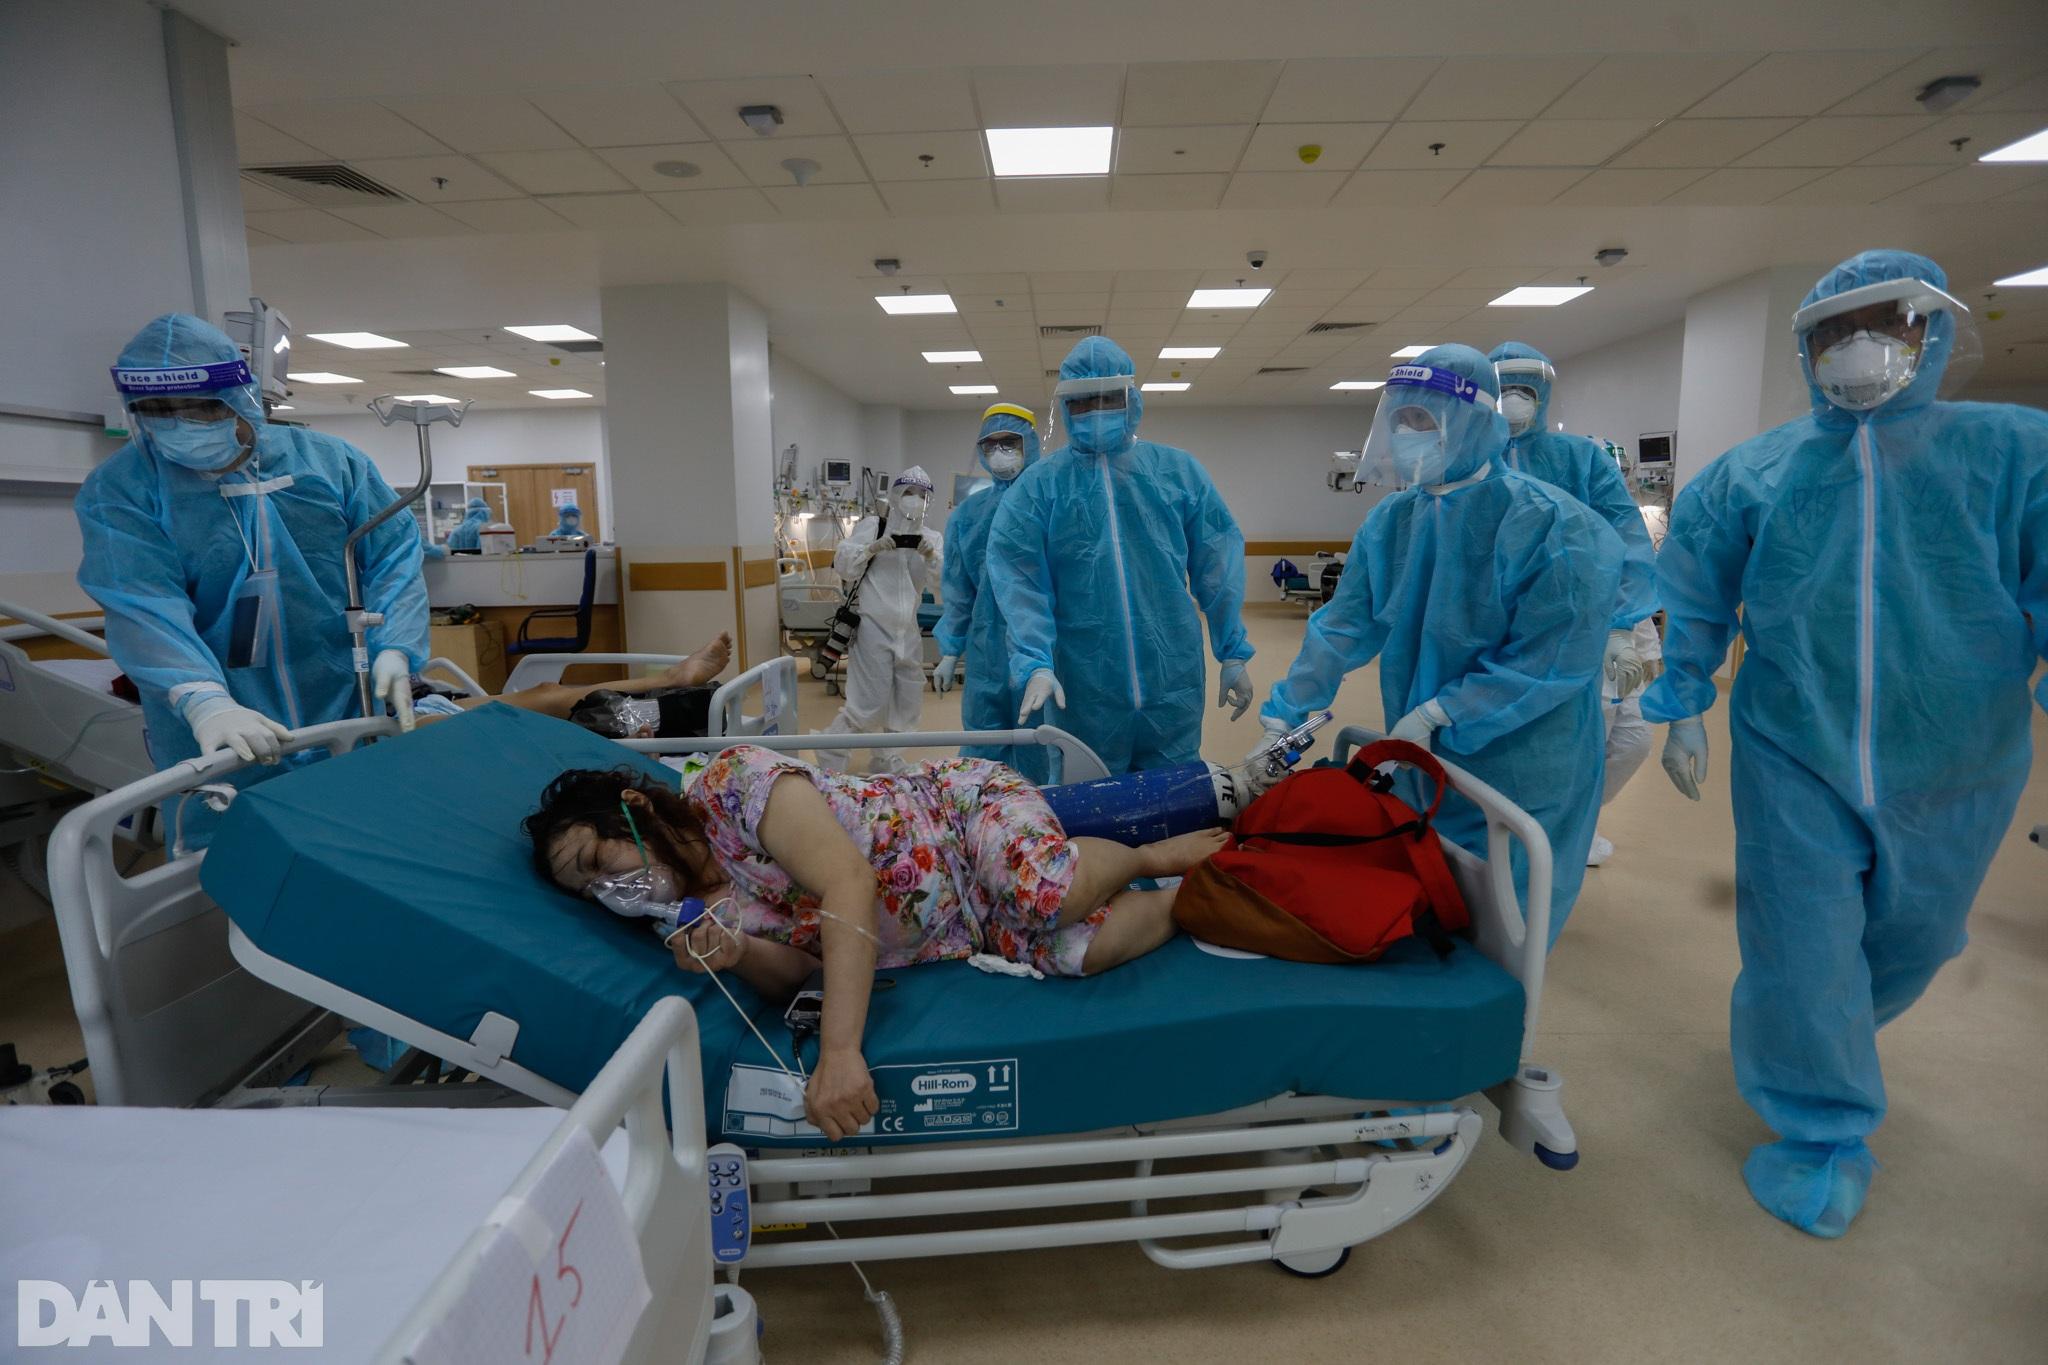 Bên trong Bệnh viện Hồi sức Covid-19 quy mô 1.000 giường ở TPHCM - 8